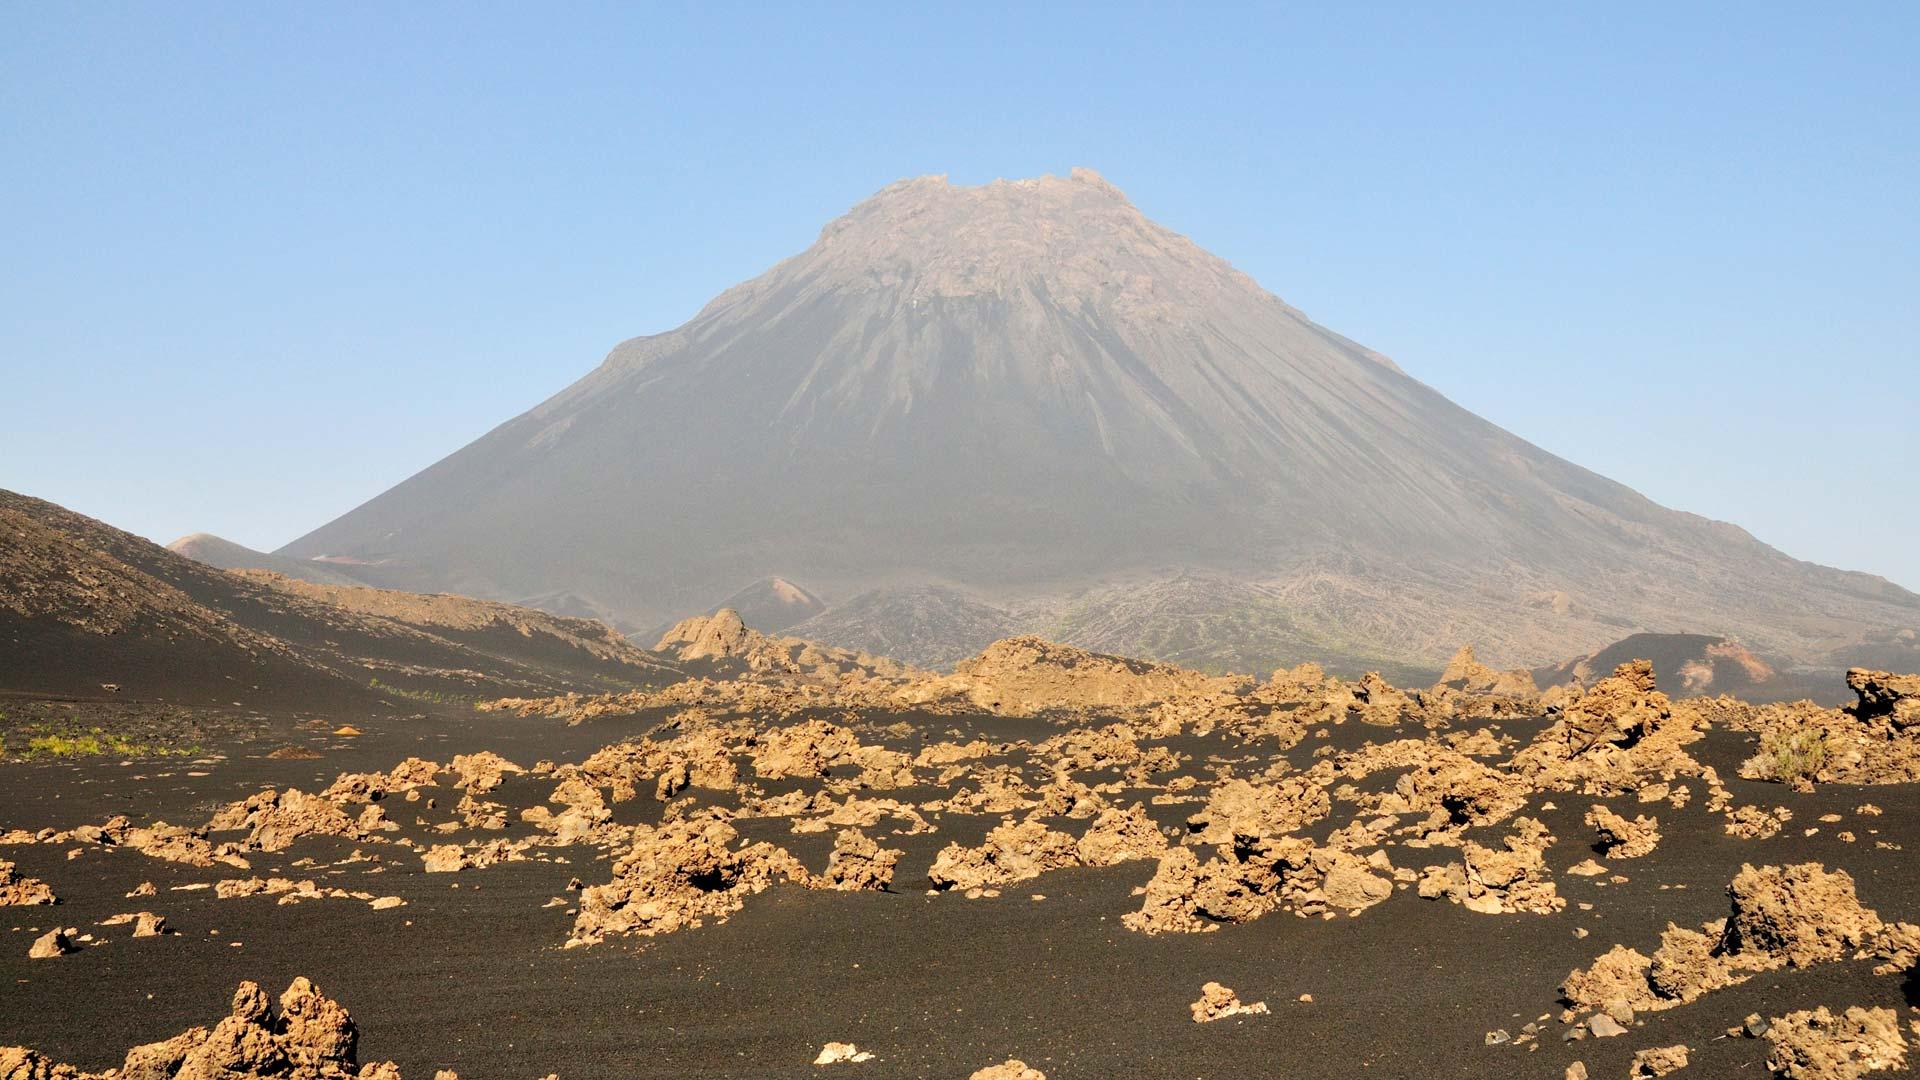 Cratère du volcan de Fogo formé par l'éruption de 2014, un paysage multicolore aux températures élevées et à la forte odeur de soufre